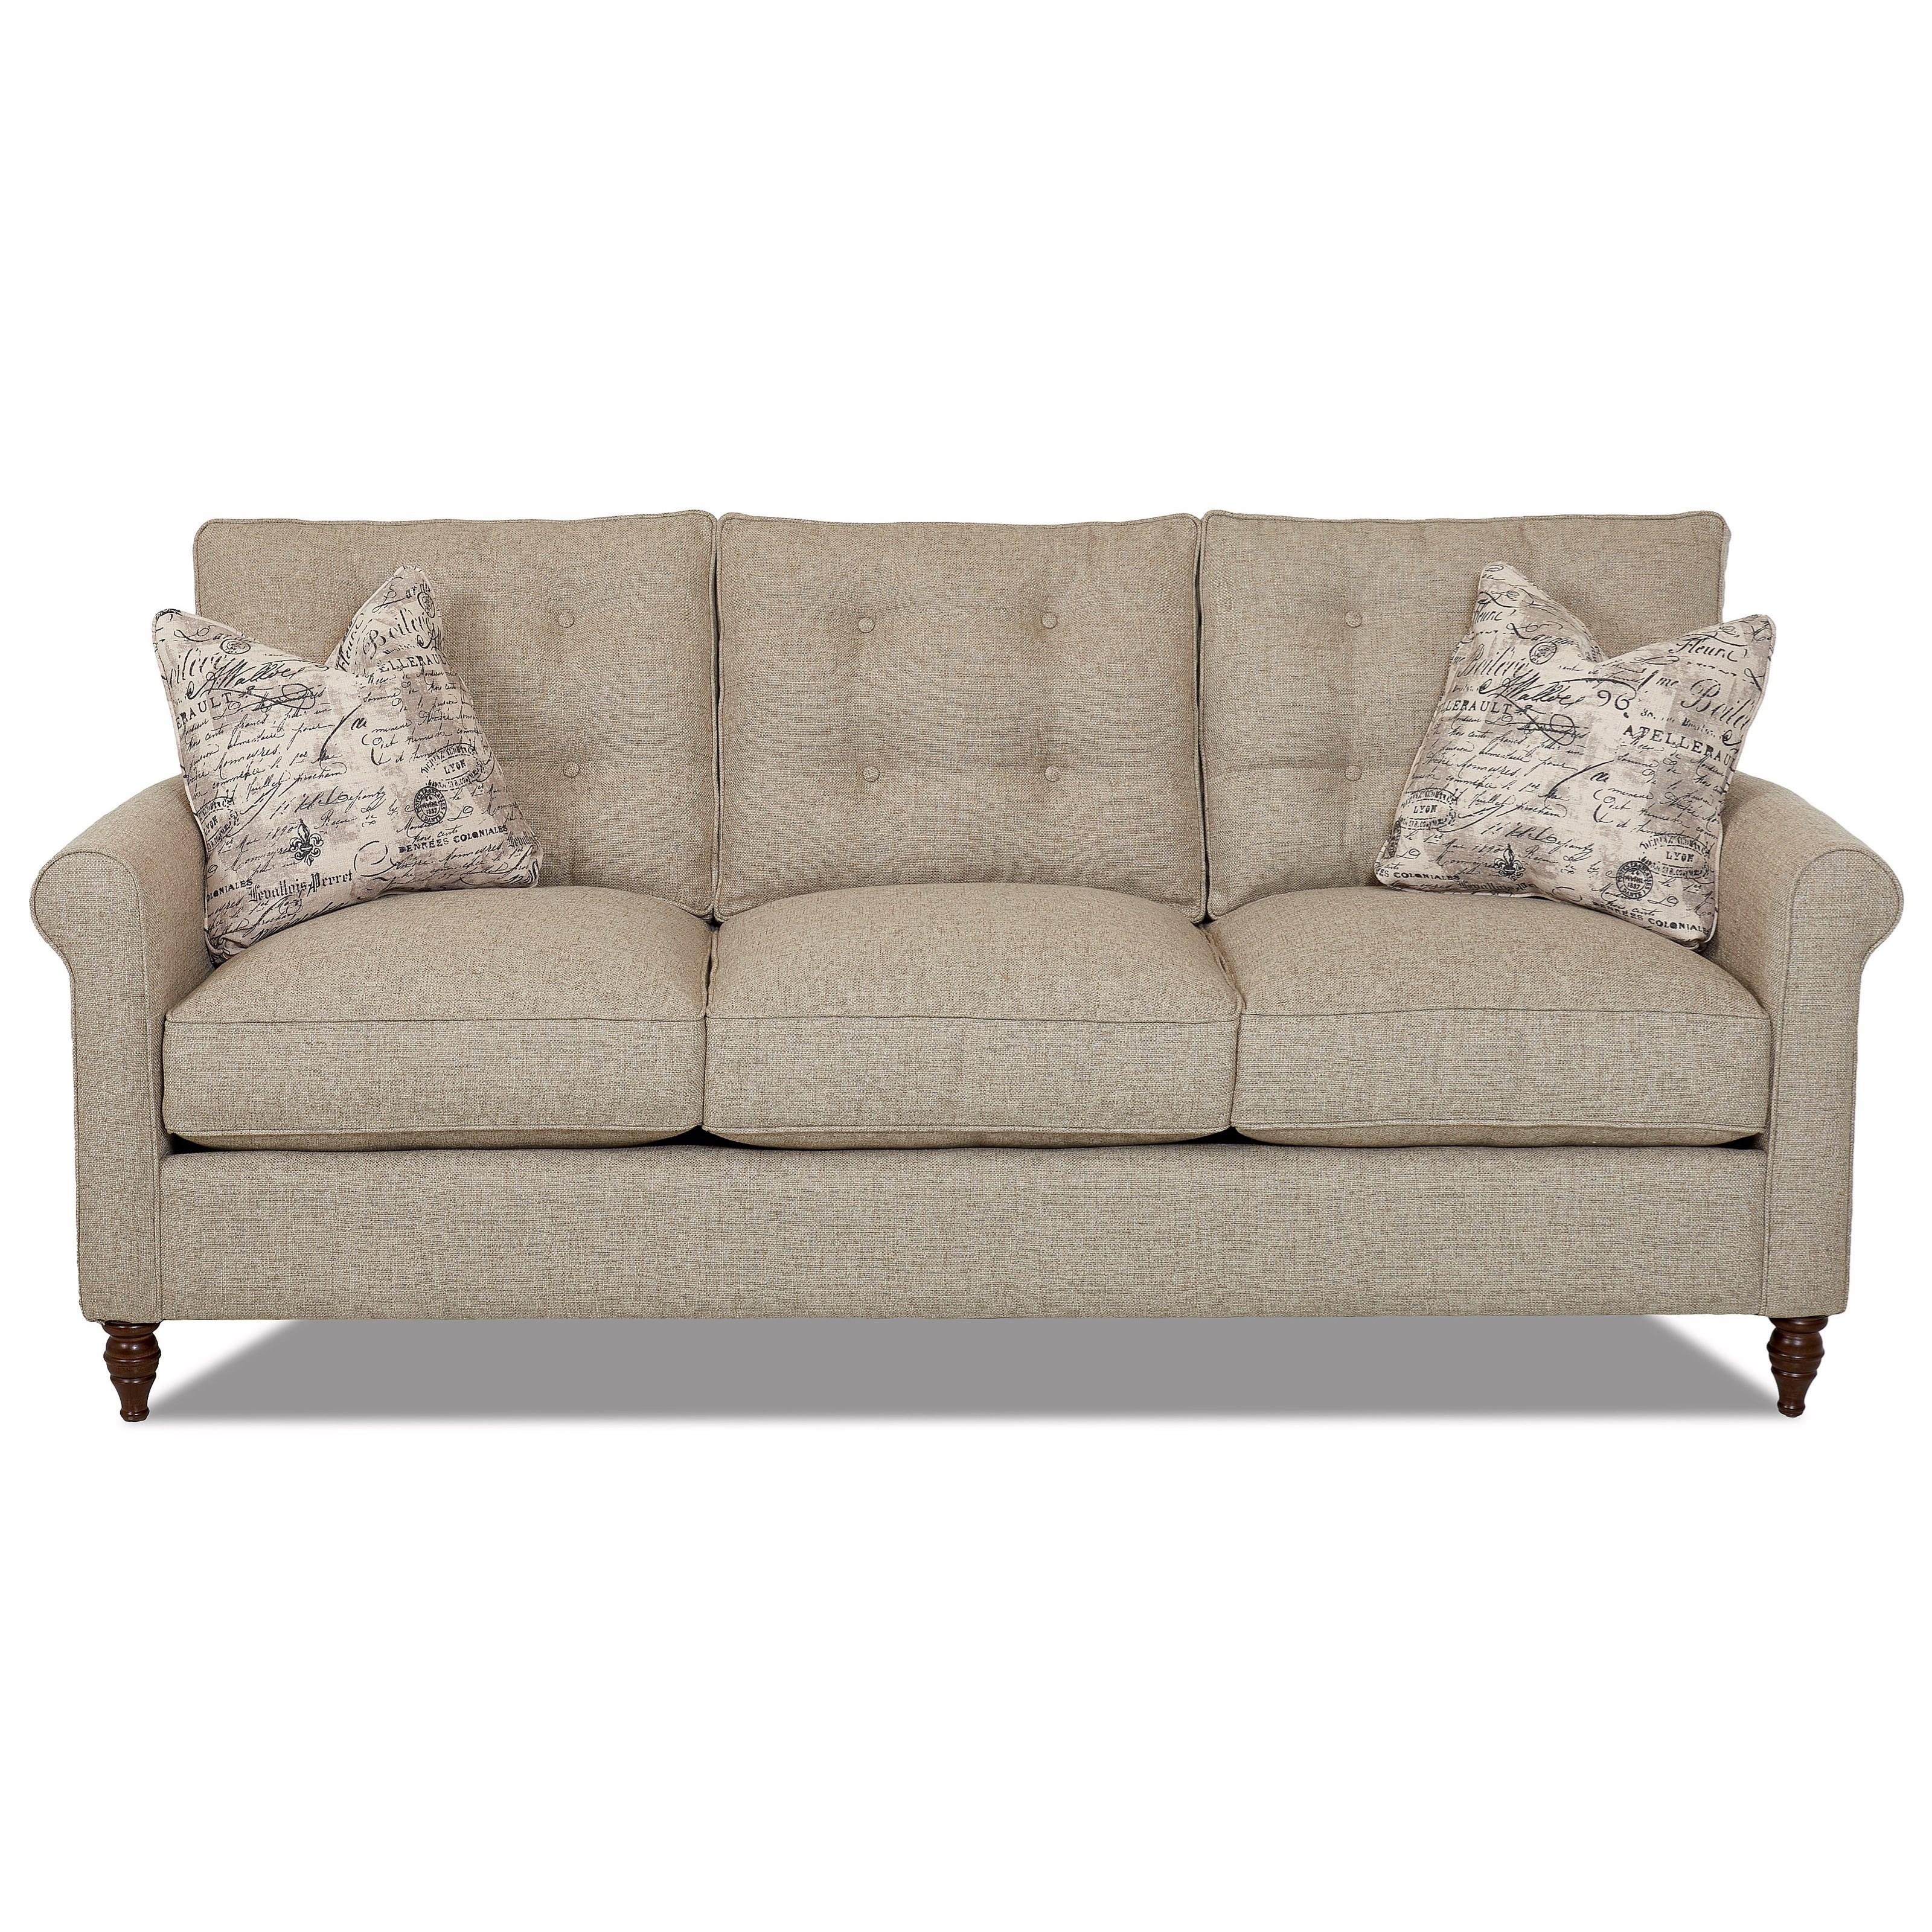 Klaussner Holland Sofa - Item Number: D84000 S-Noti-Guns